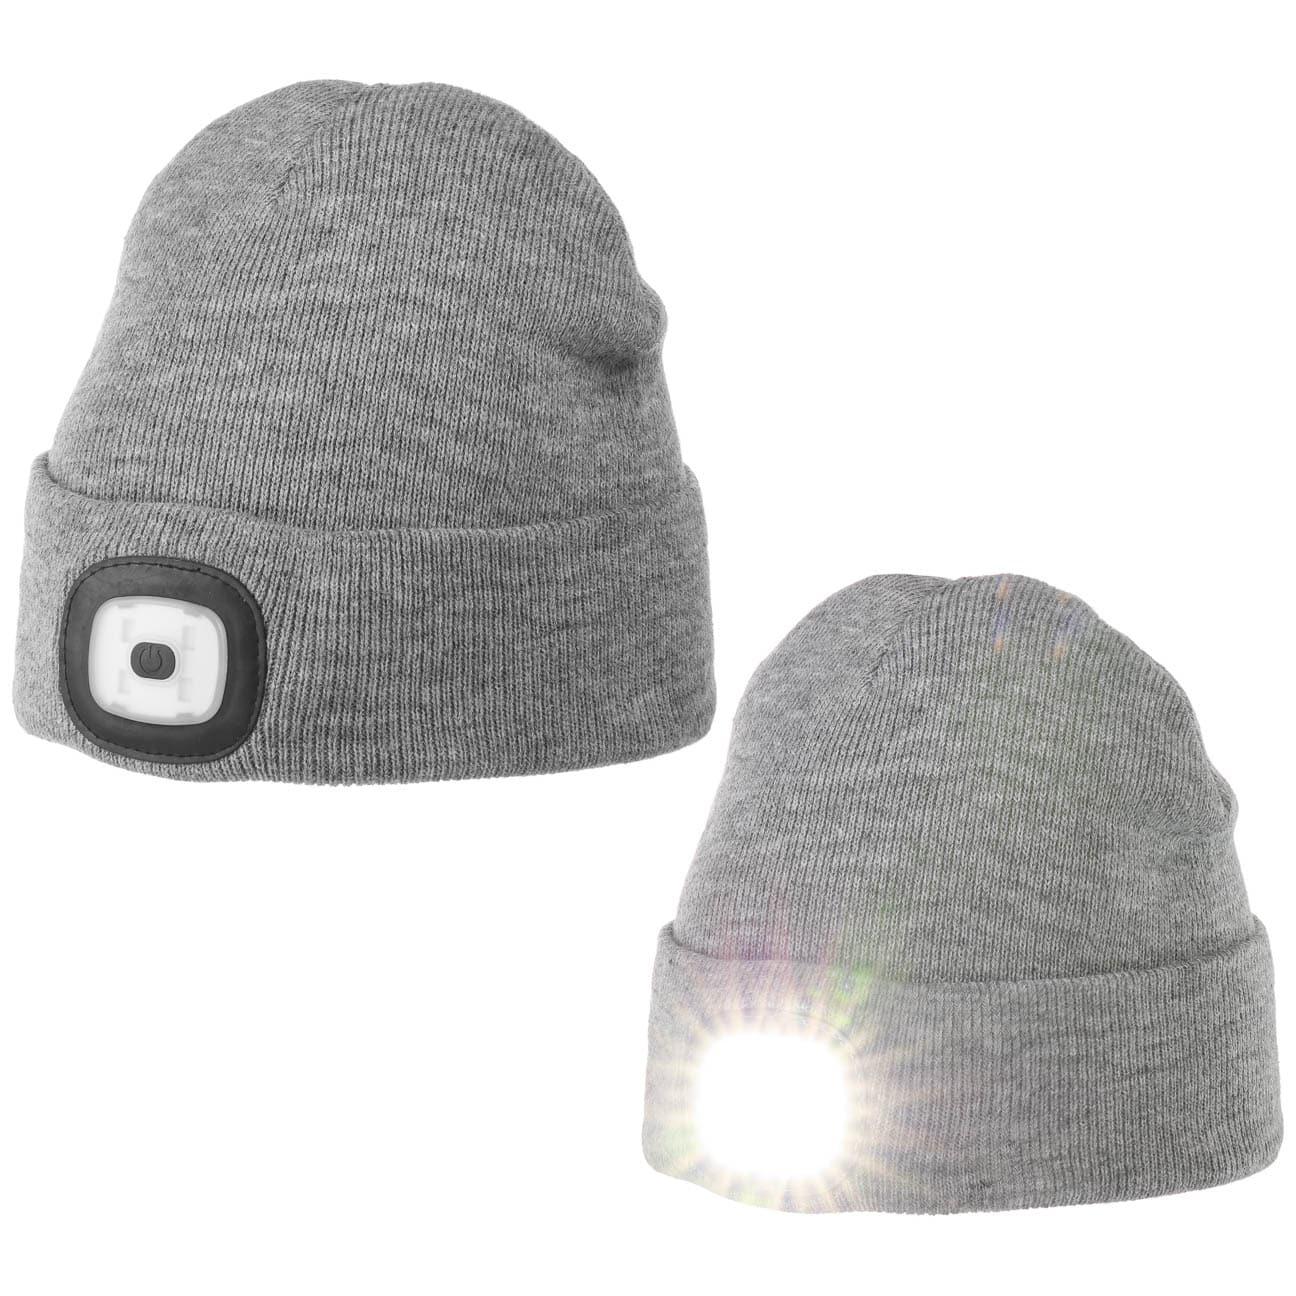 Bonnet à Revers Chilllight avec DEL by Chillouts  bonnet pour homme